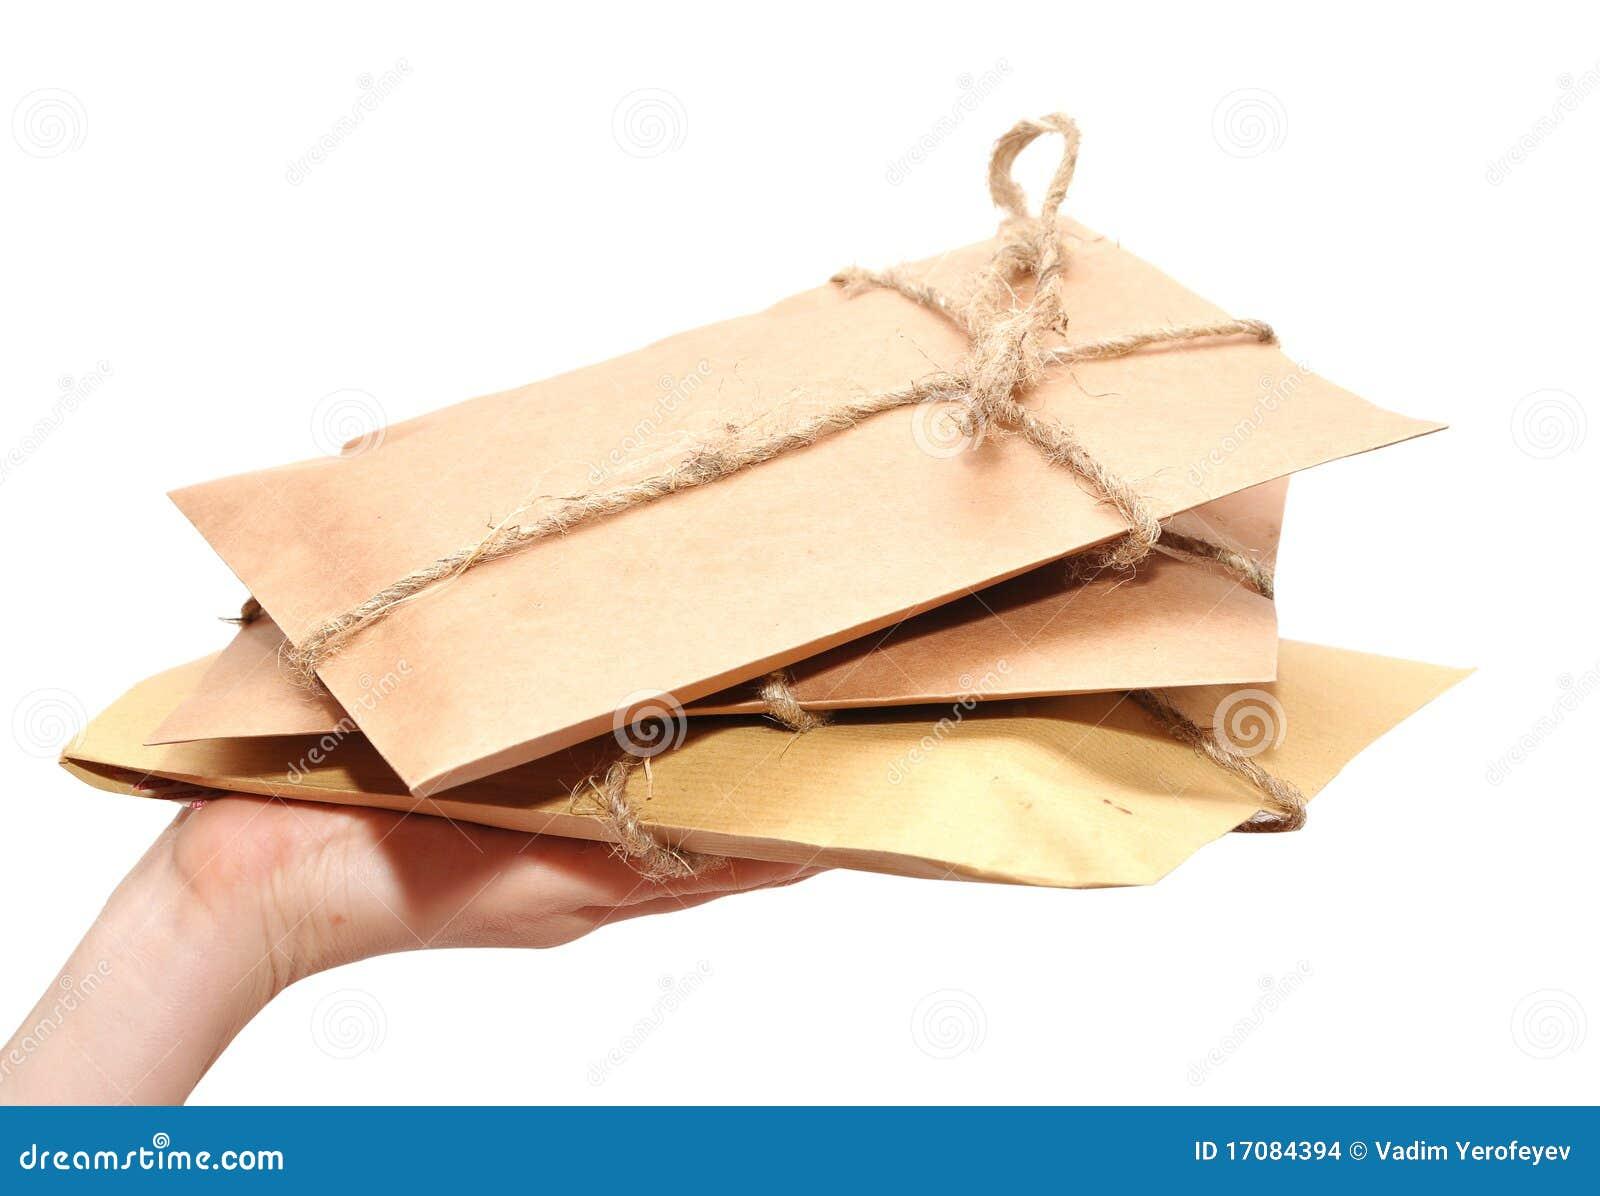 Liefern eines Paketes